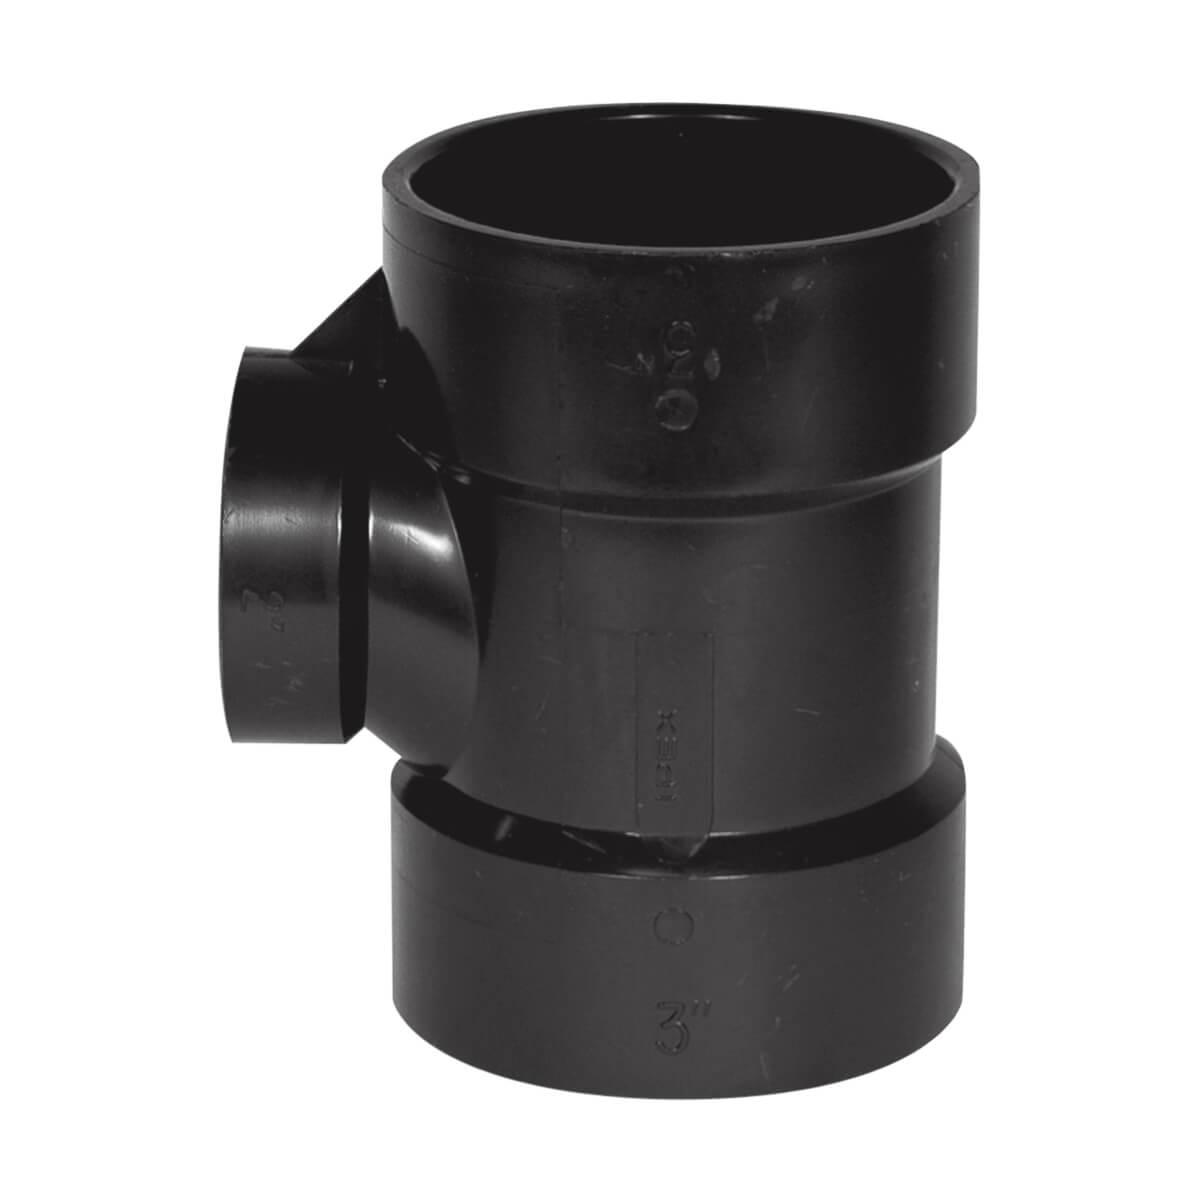 ABS-DWV Sanitary Tee - Hub - 3-in x 3-in x 1-1/2-in